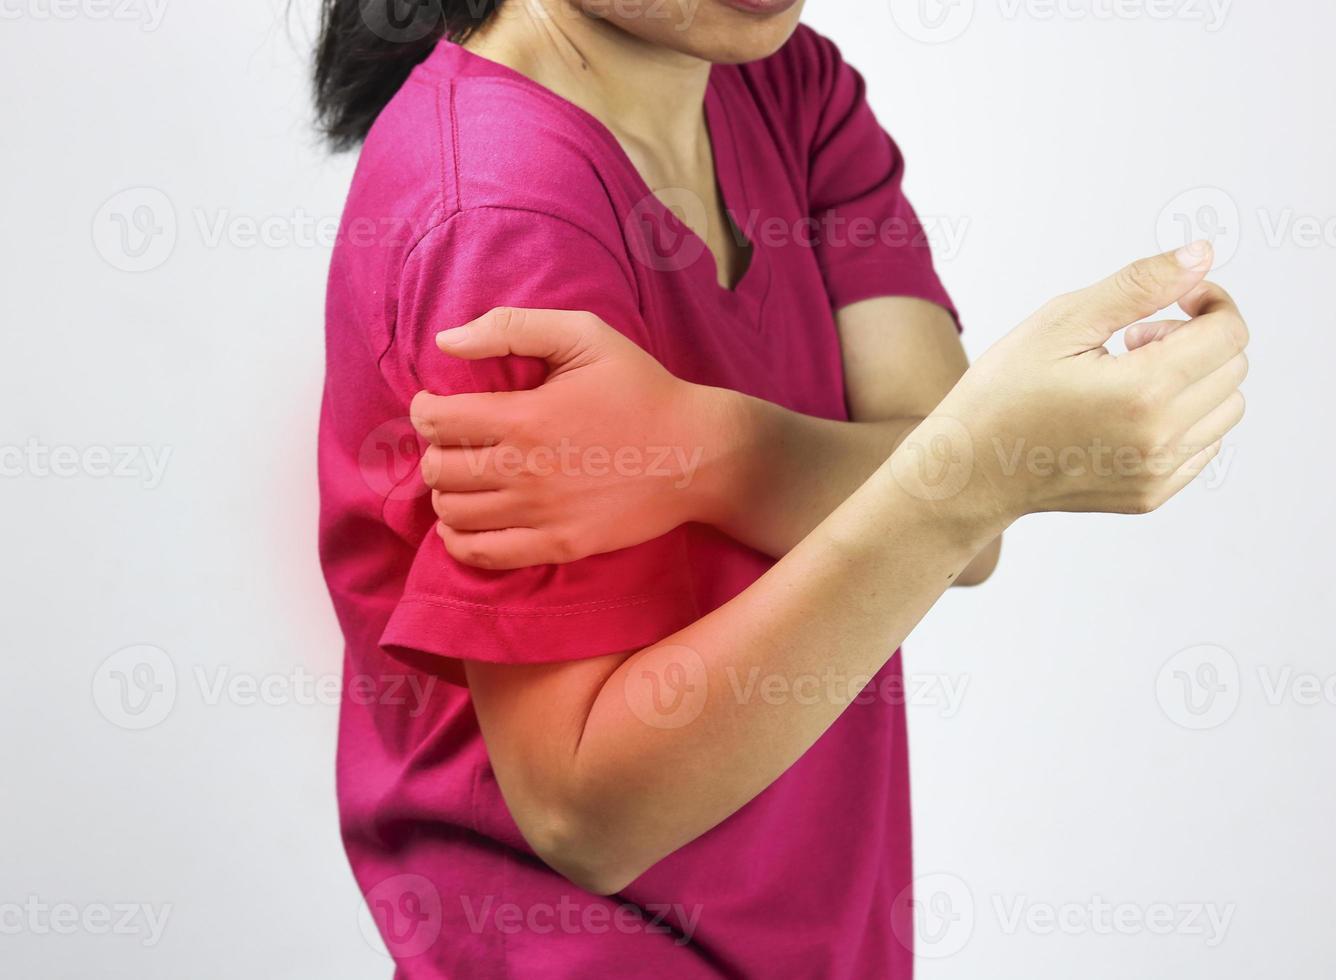 la mujer tiene dolor de brazo y hombro foto